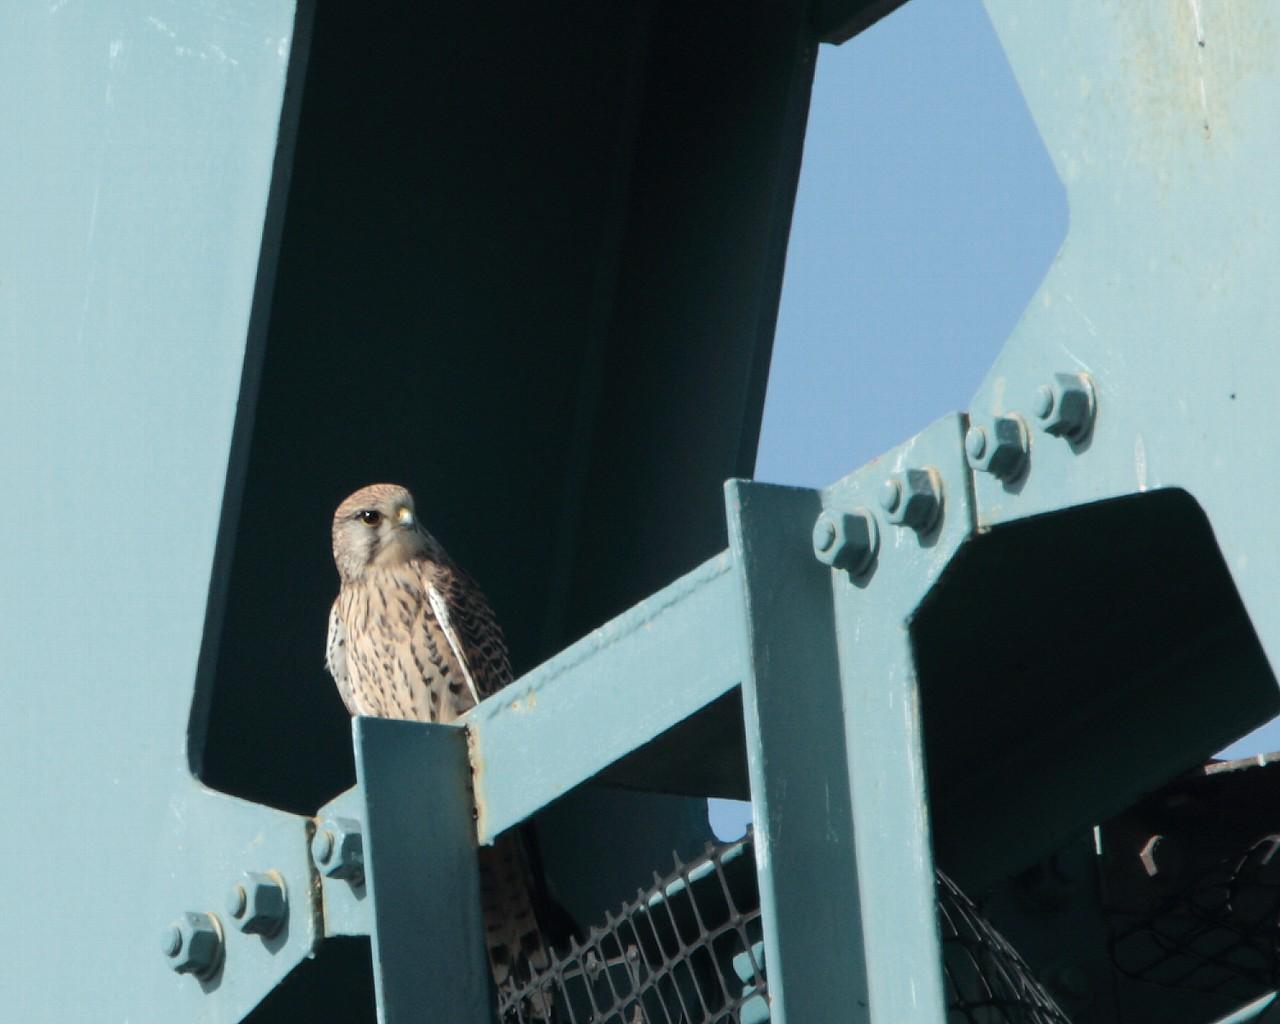 小田急の鉄橋で今年もチョウゲンボウが営巣開始?_f0105570_124292.jpg